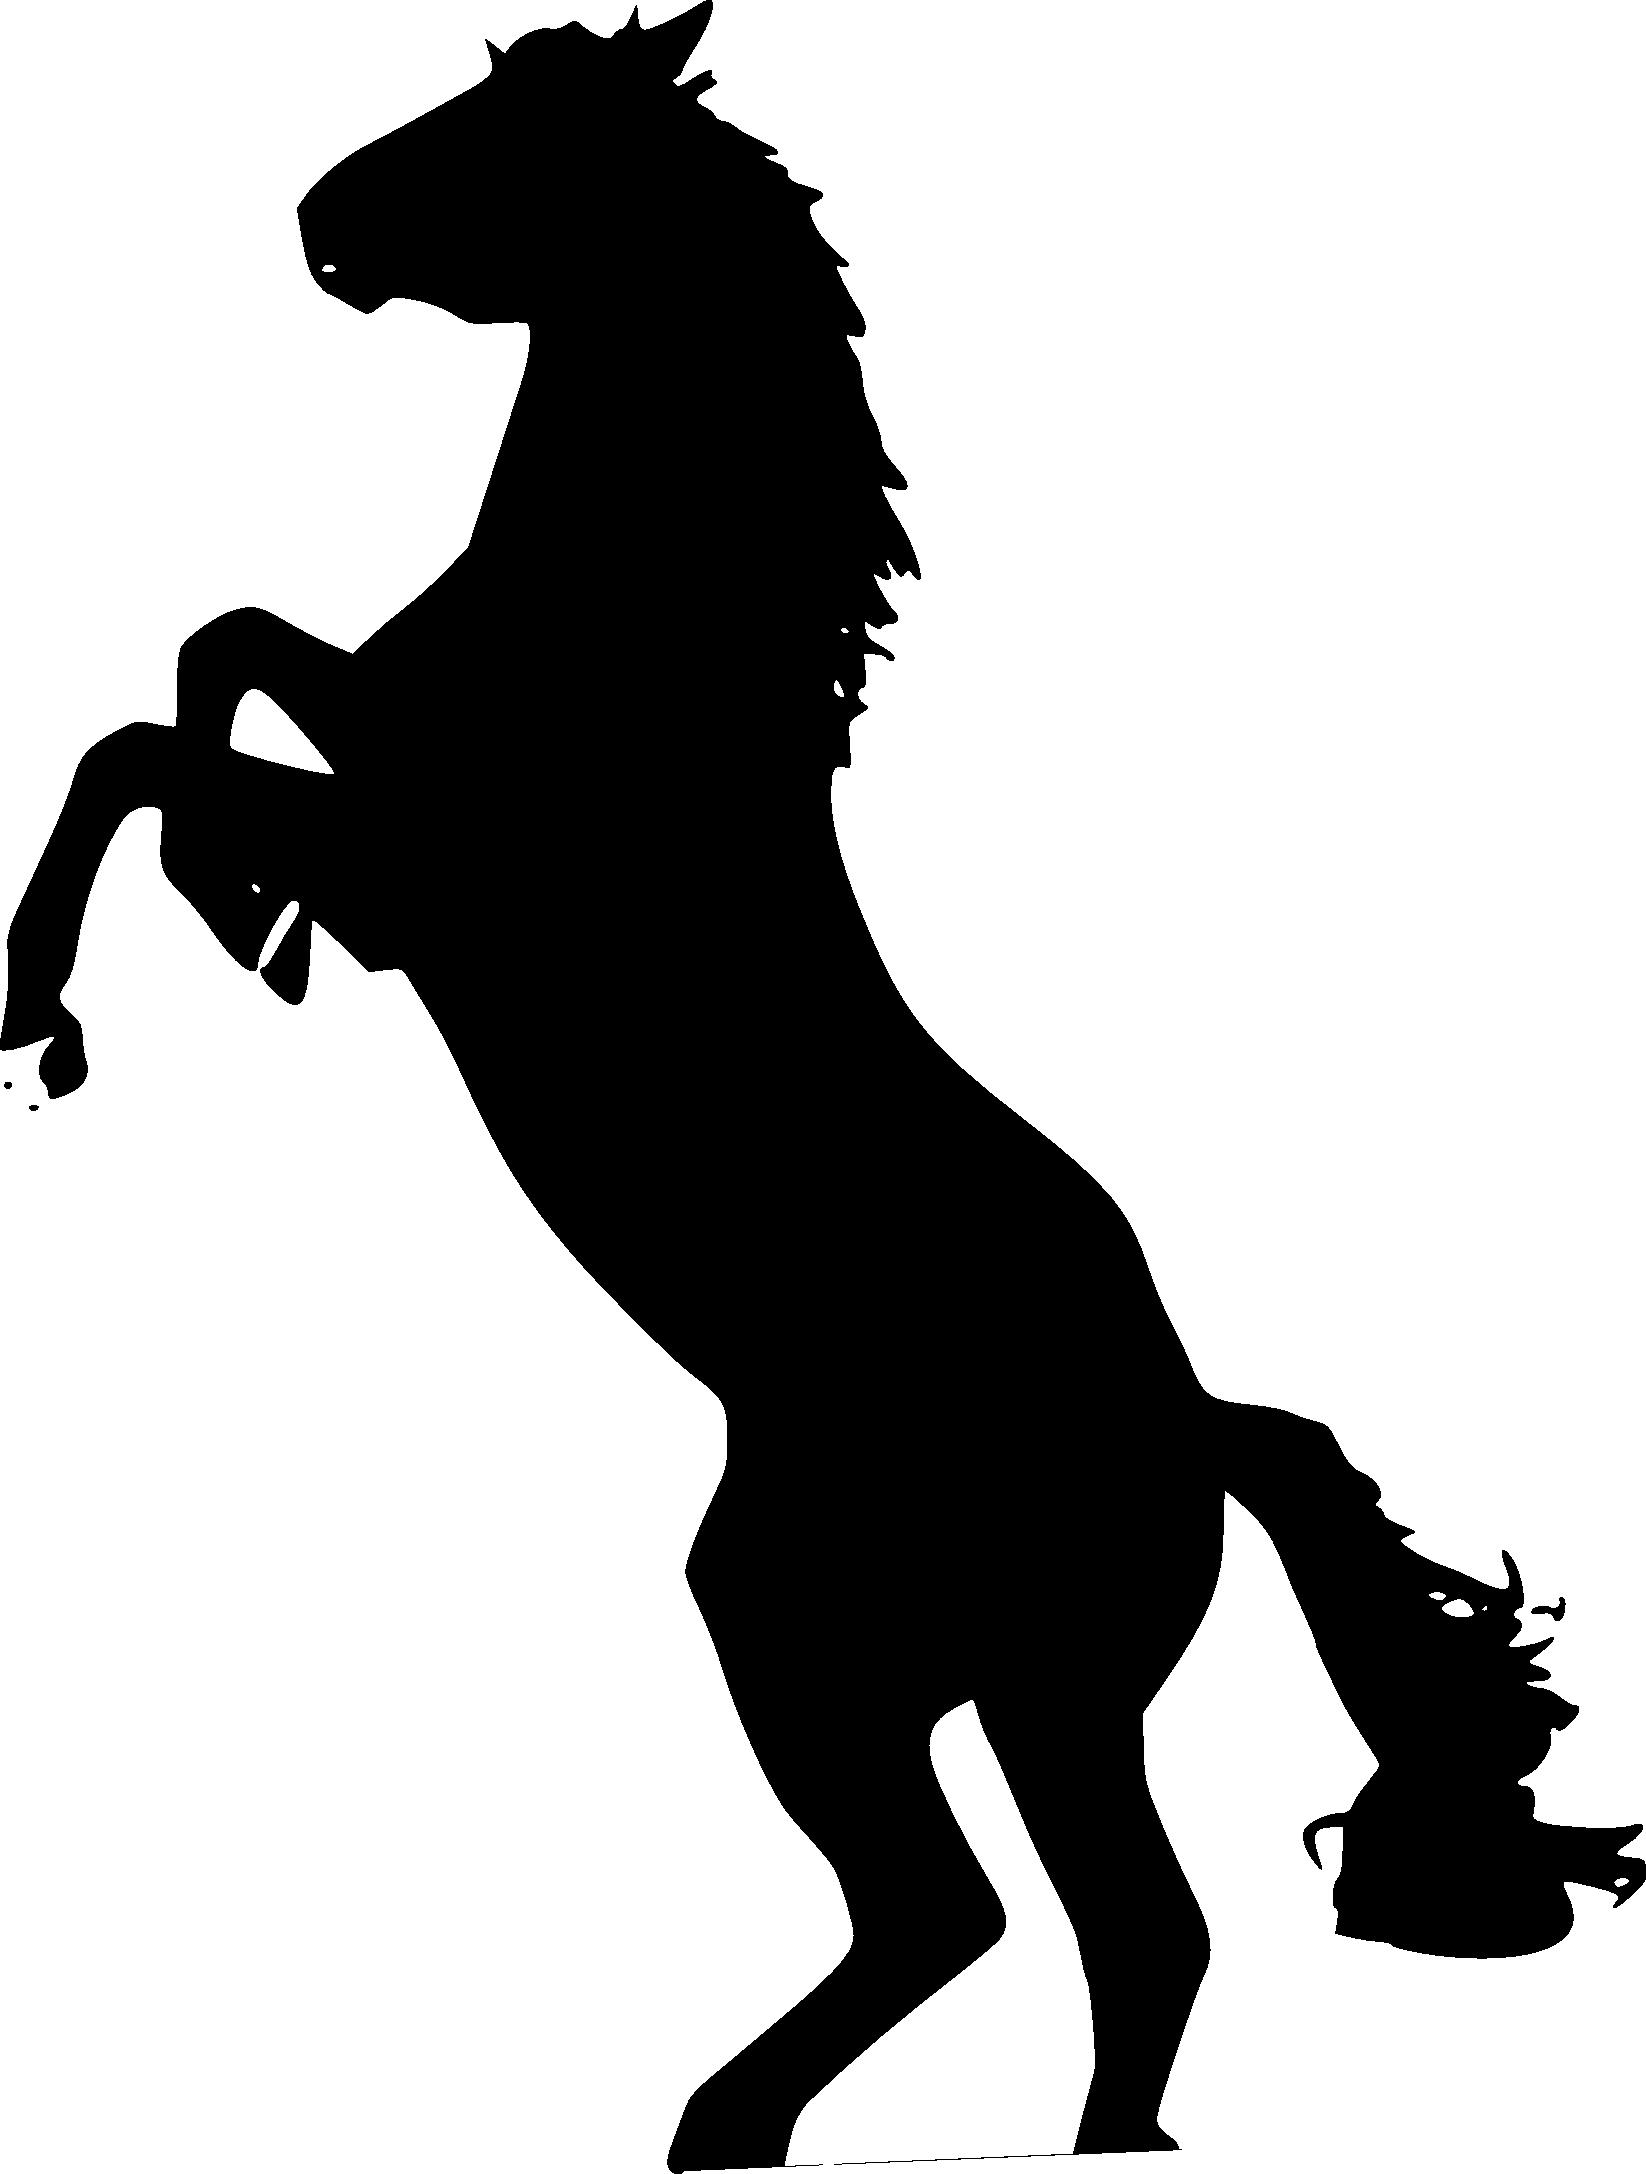 Assez animaux/silhouettes   Visuels L214 RP46